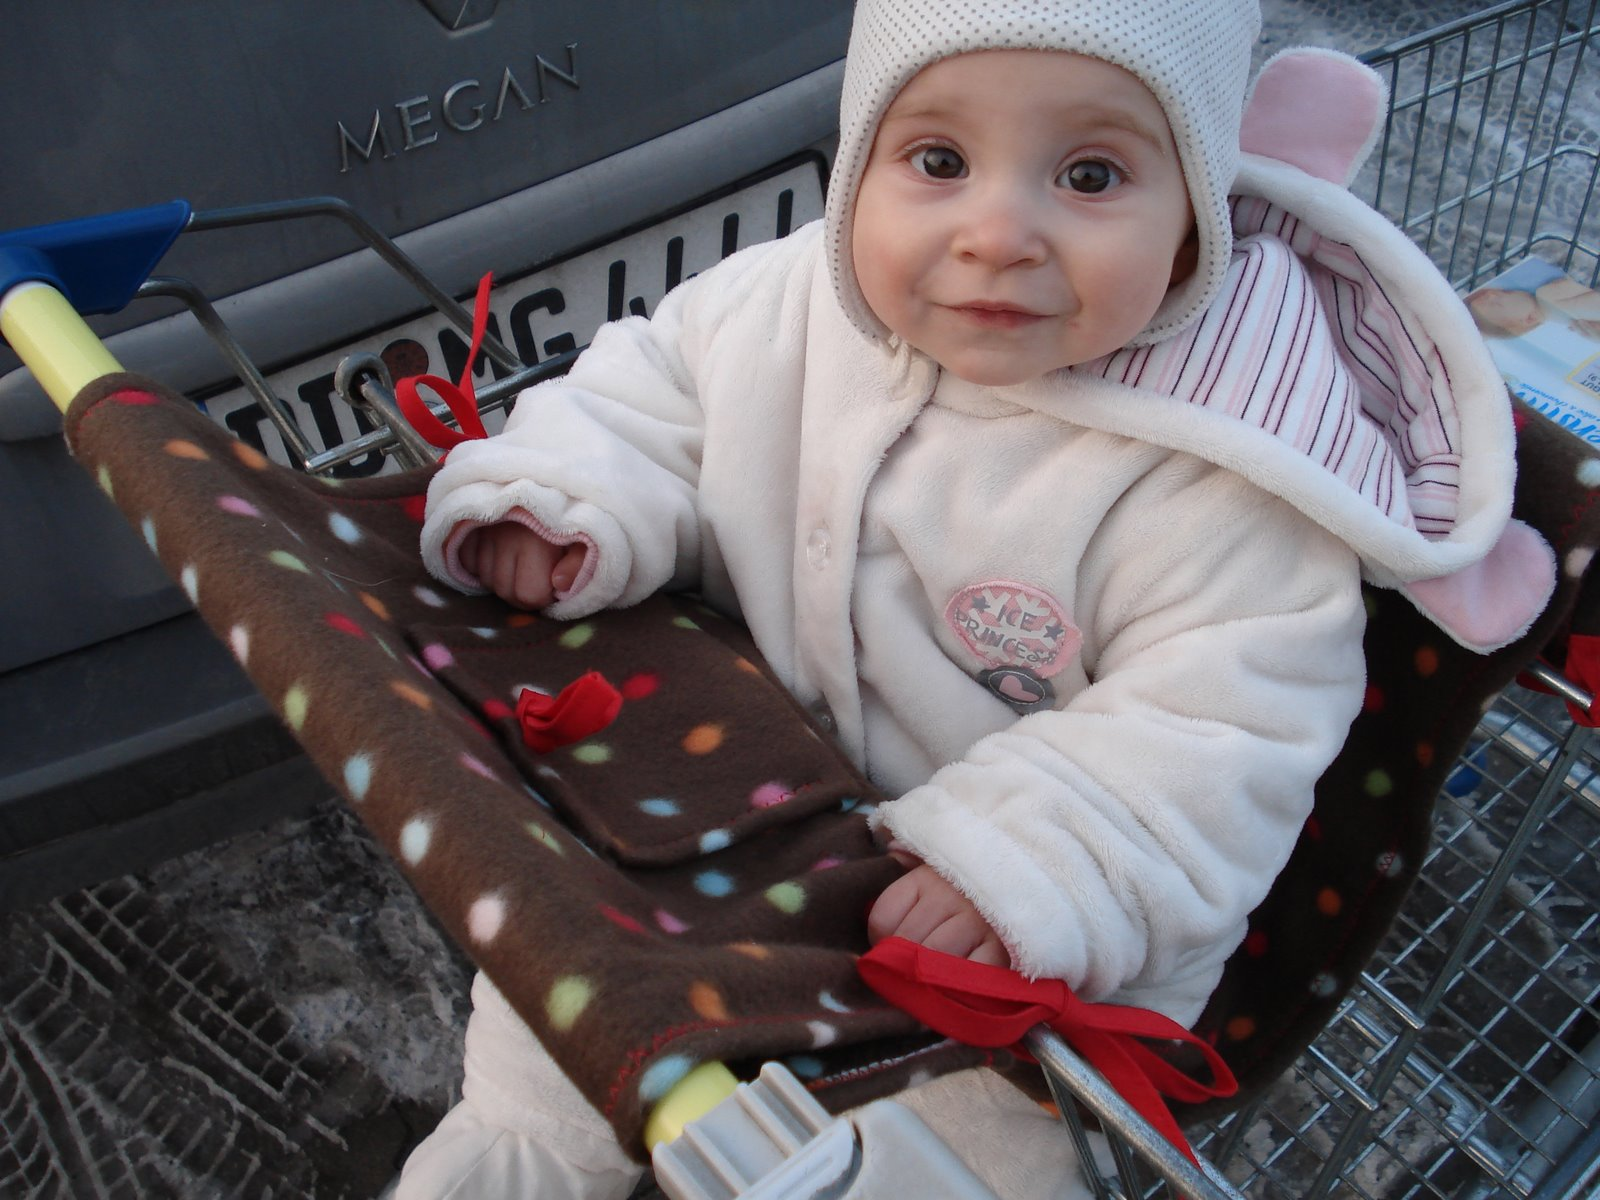 f51a344bc50a26 Da kann mein Kind endlich allein im Einkaufswagen sitzen und was tut es  Es  leckt den Einkaufswagenkorb ab  würg  ... eine Lösung muss her!